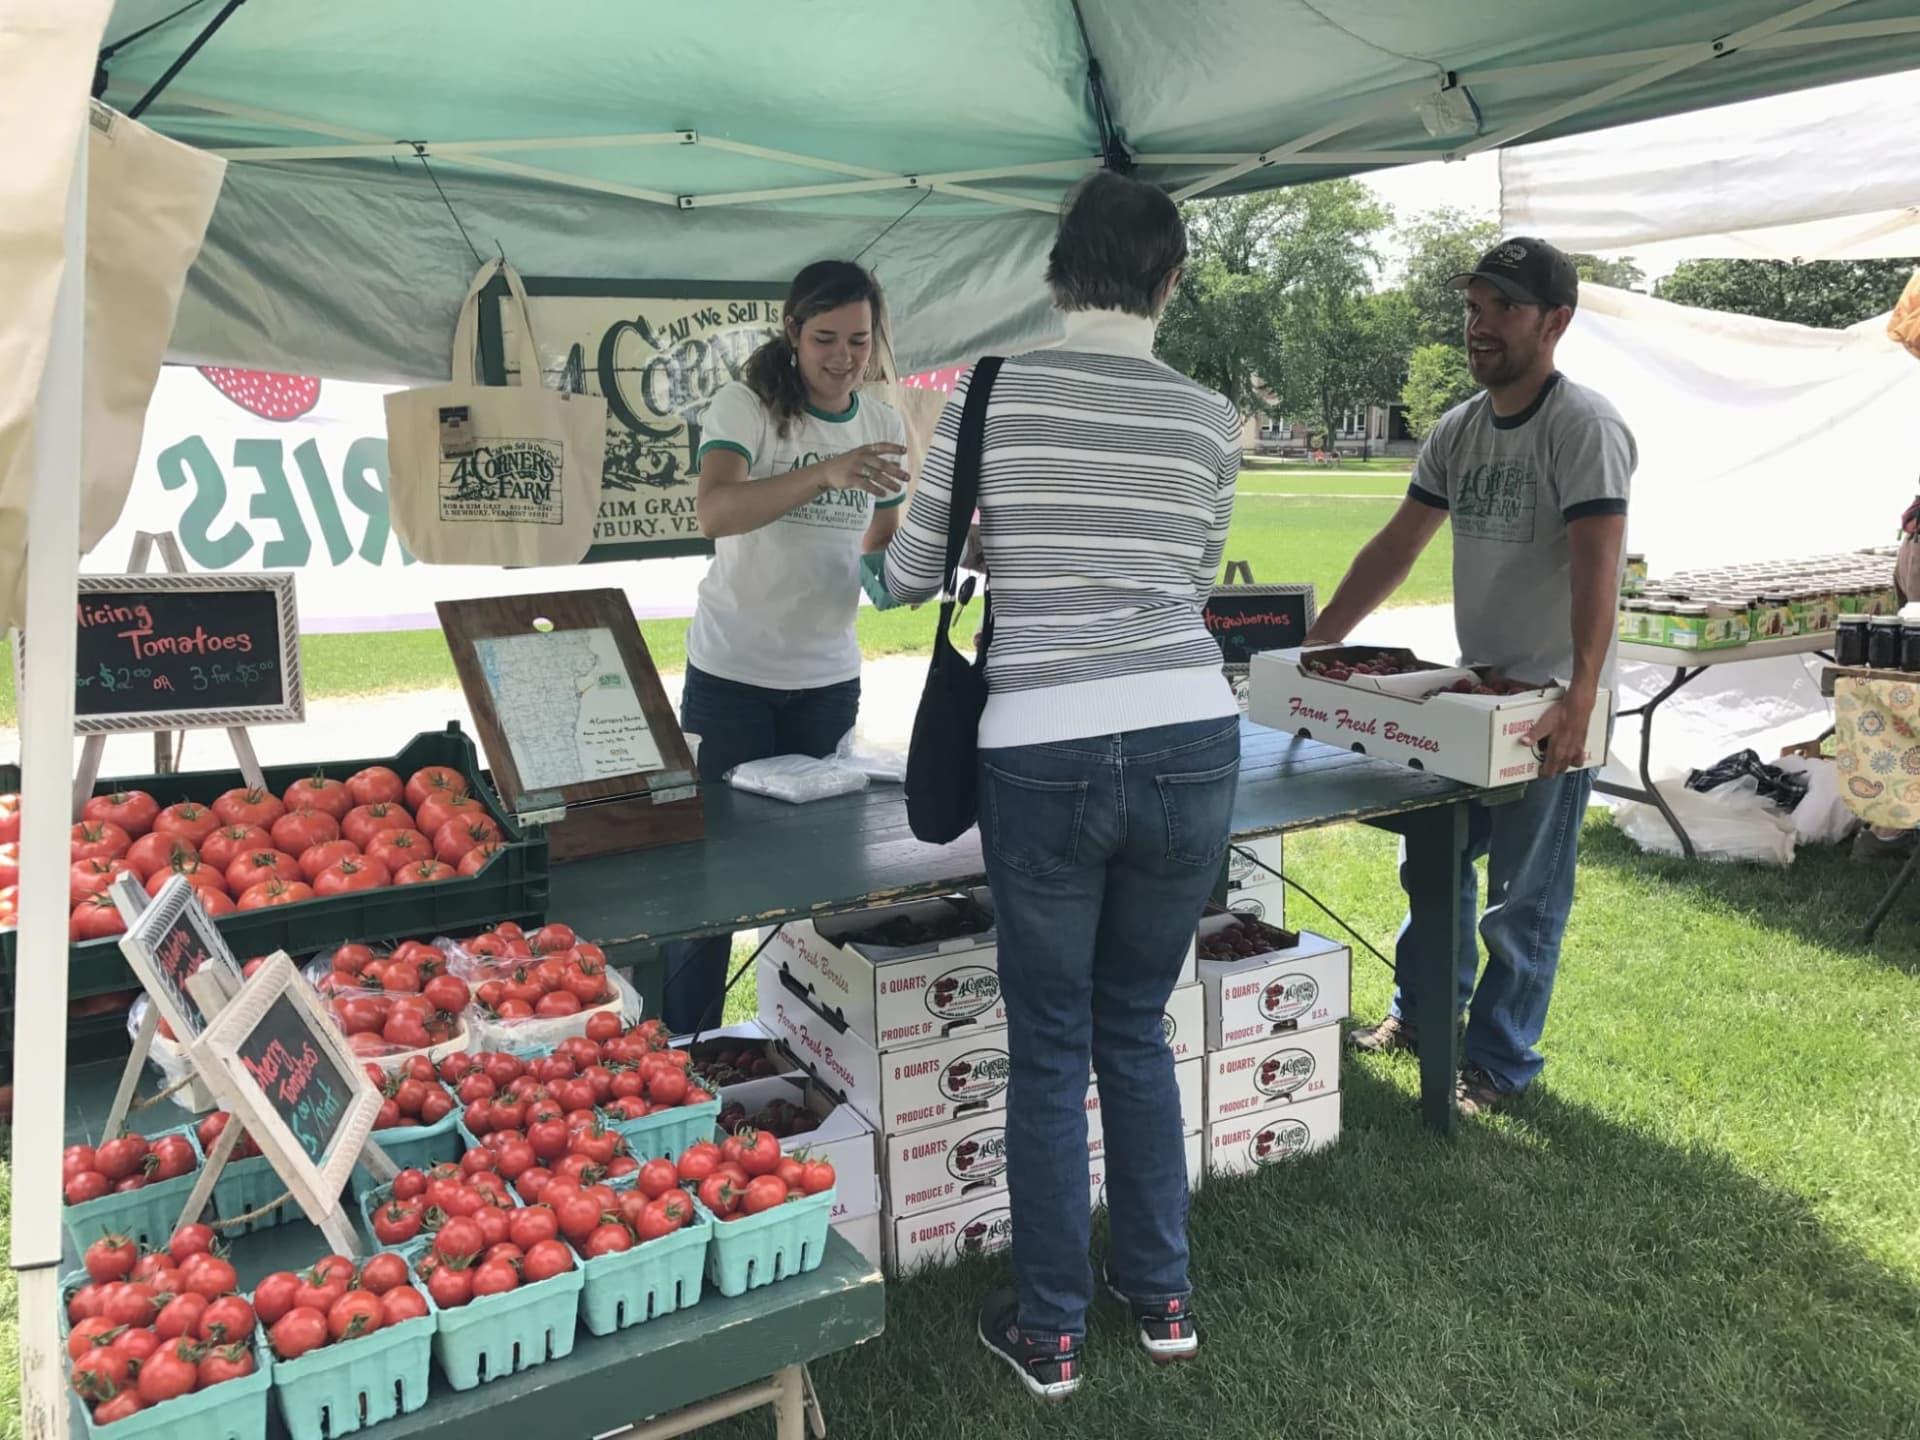 Farmers-Market-tomatoes-w1980-w1920.jpg